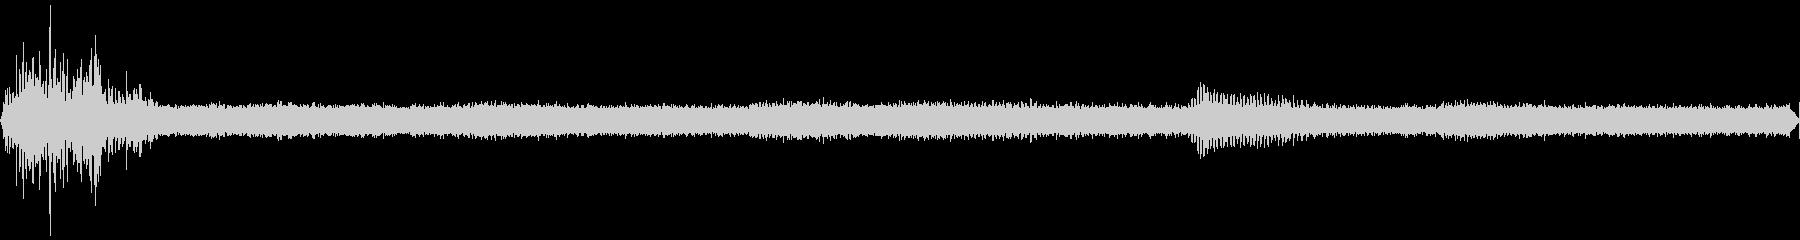 ヒグラシが鳴く夏の山の夕暮れ(環境音)の未再生の波形